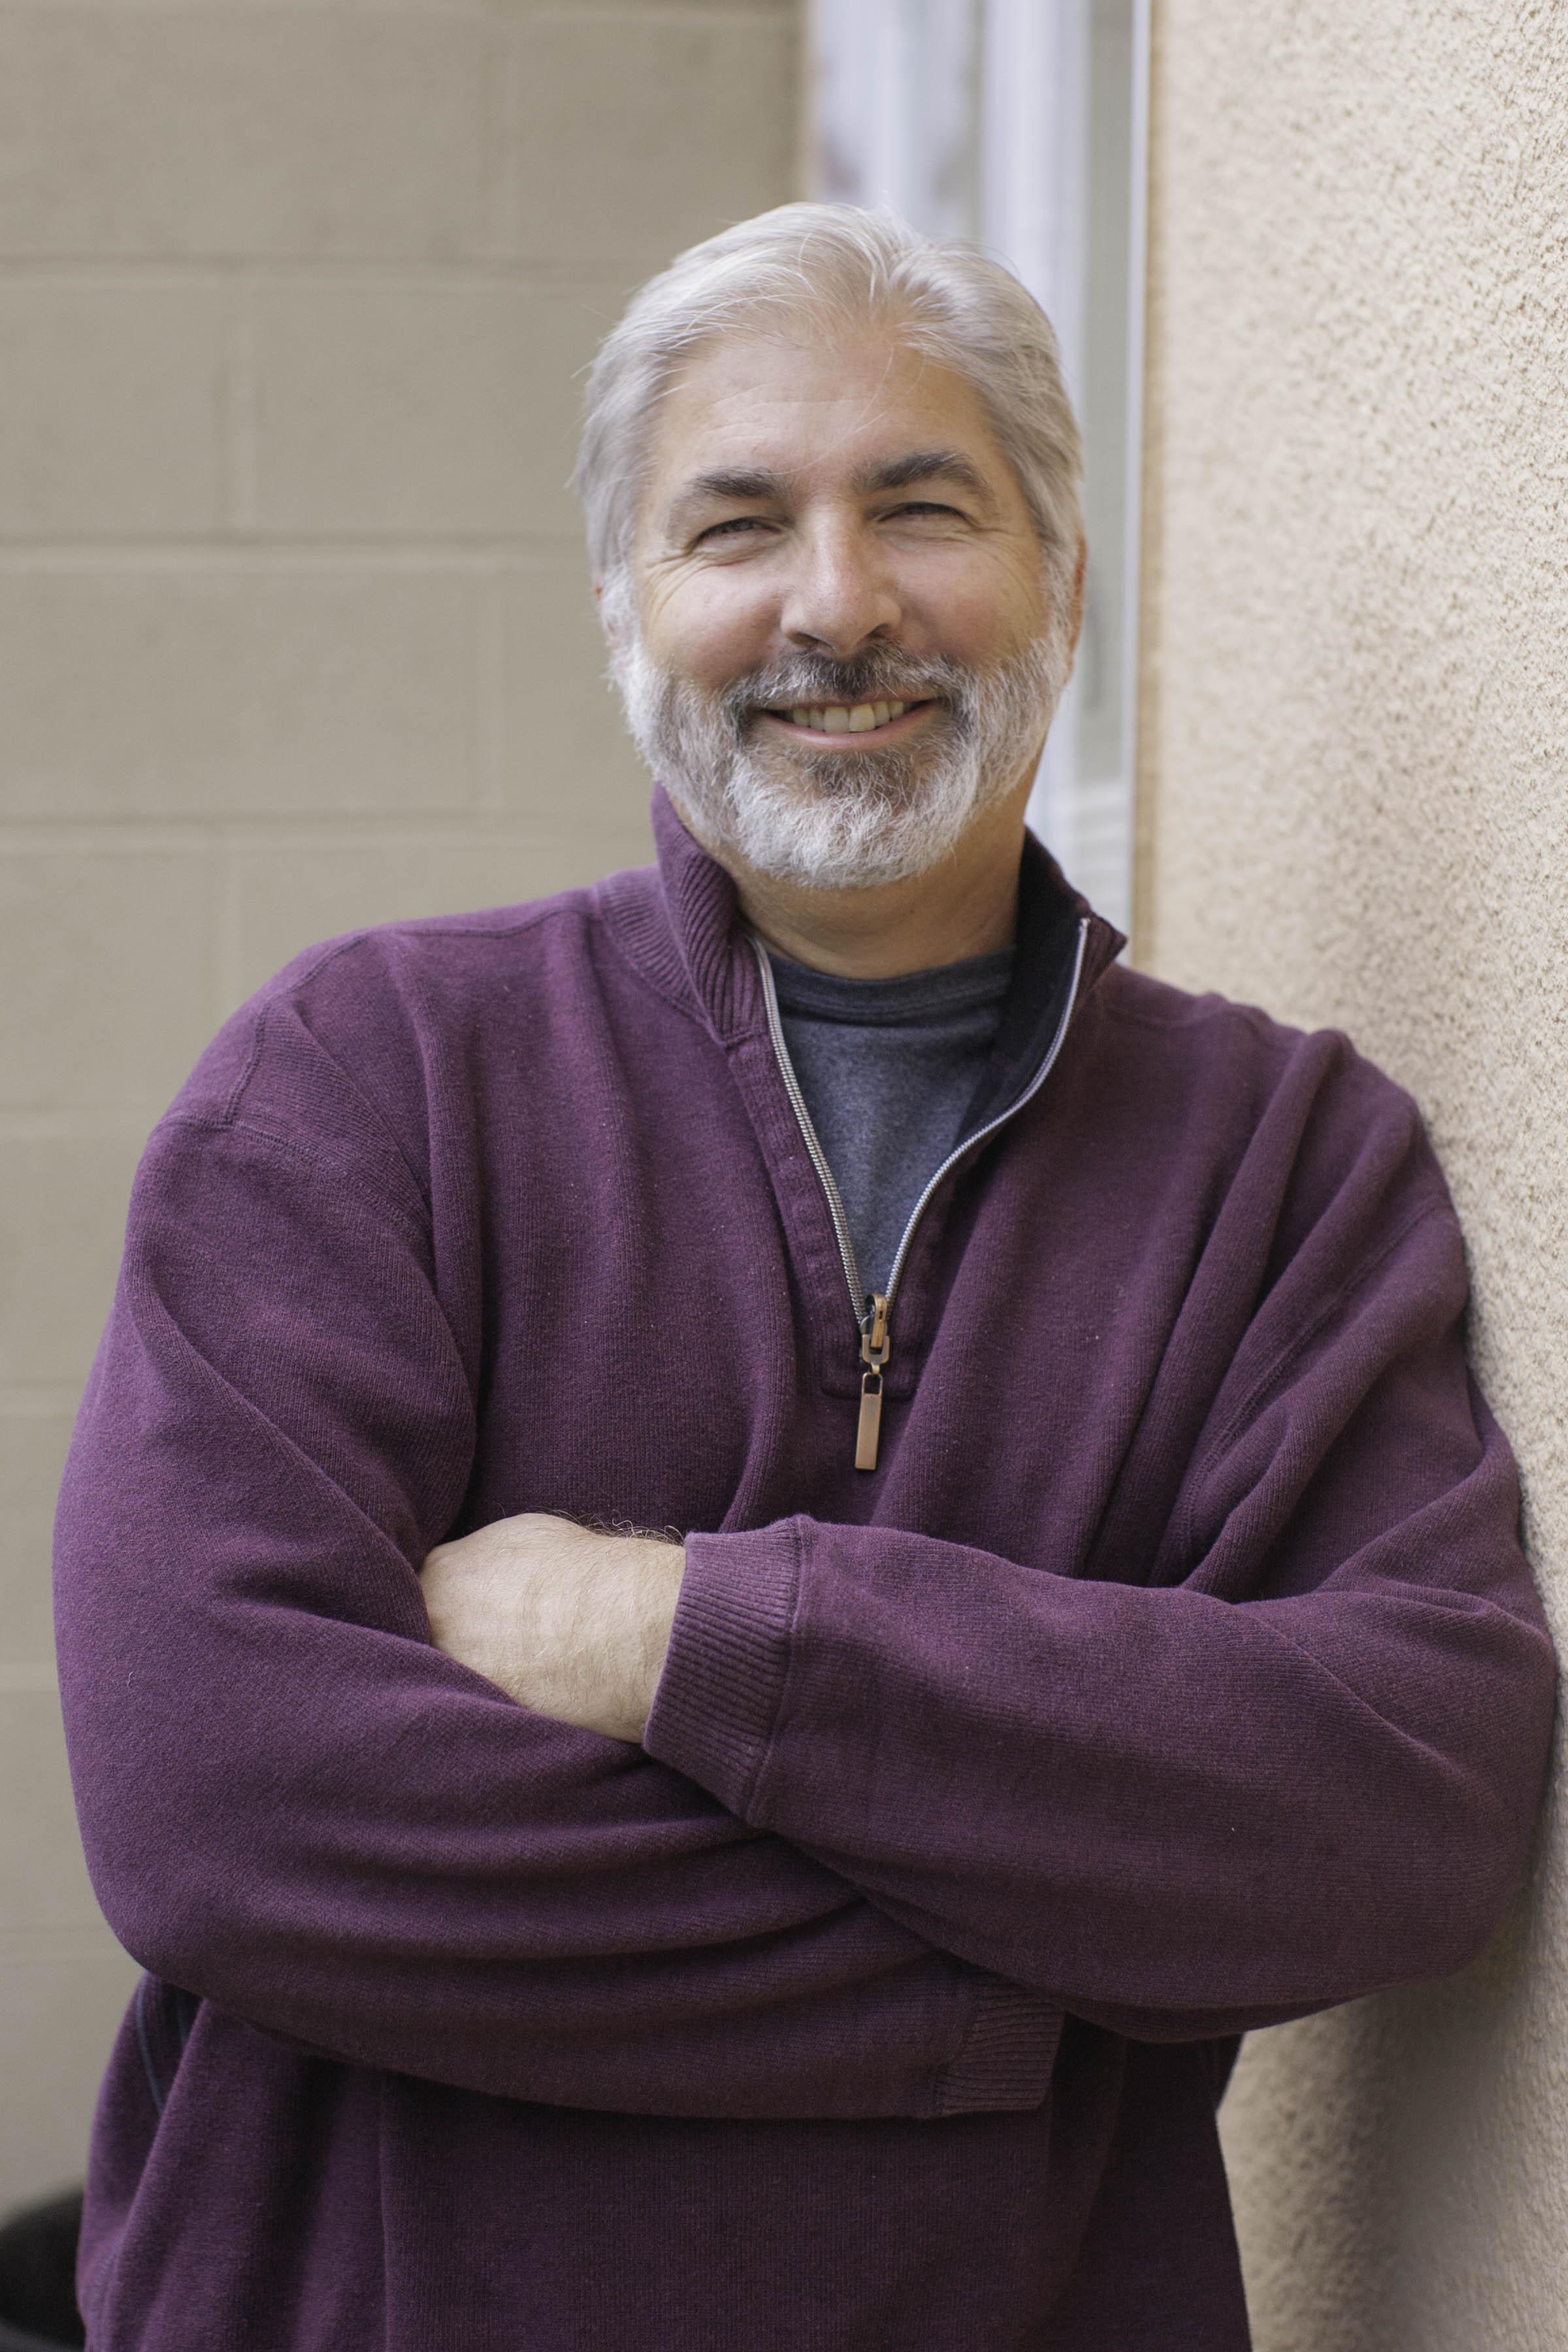 Jeff Busma